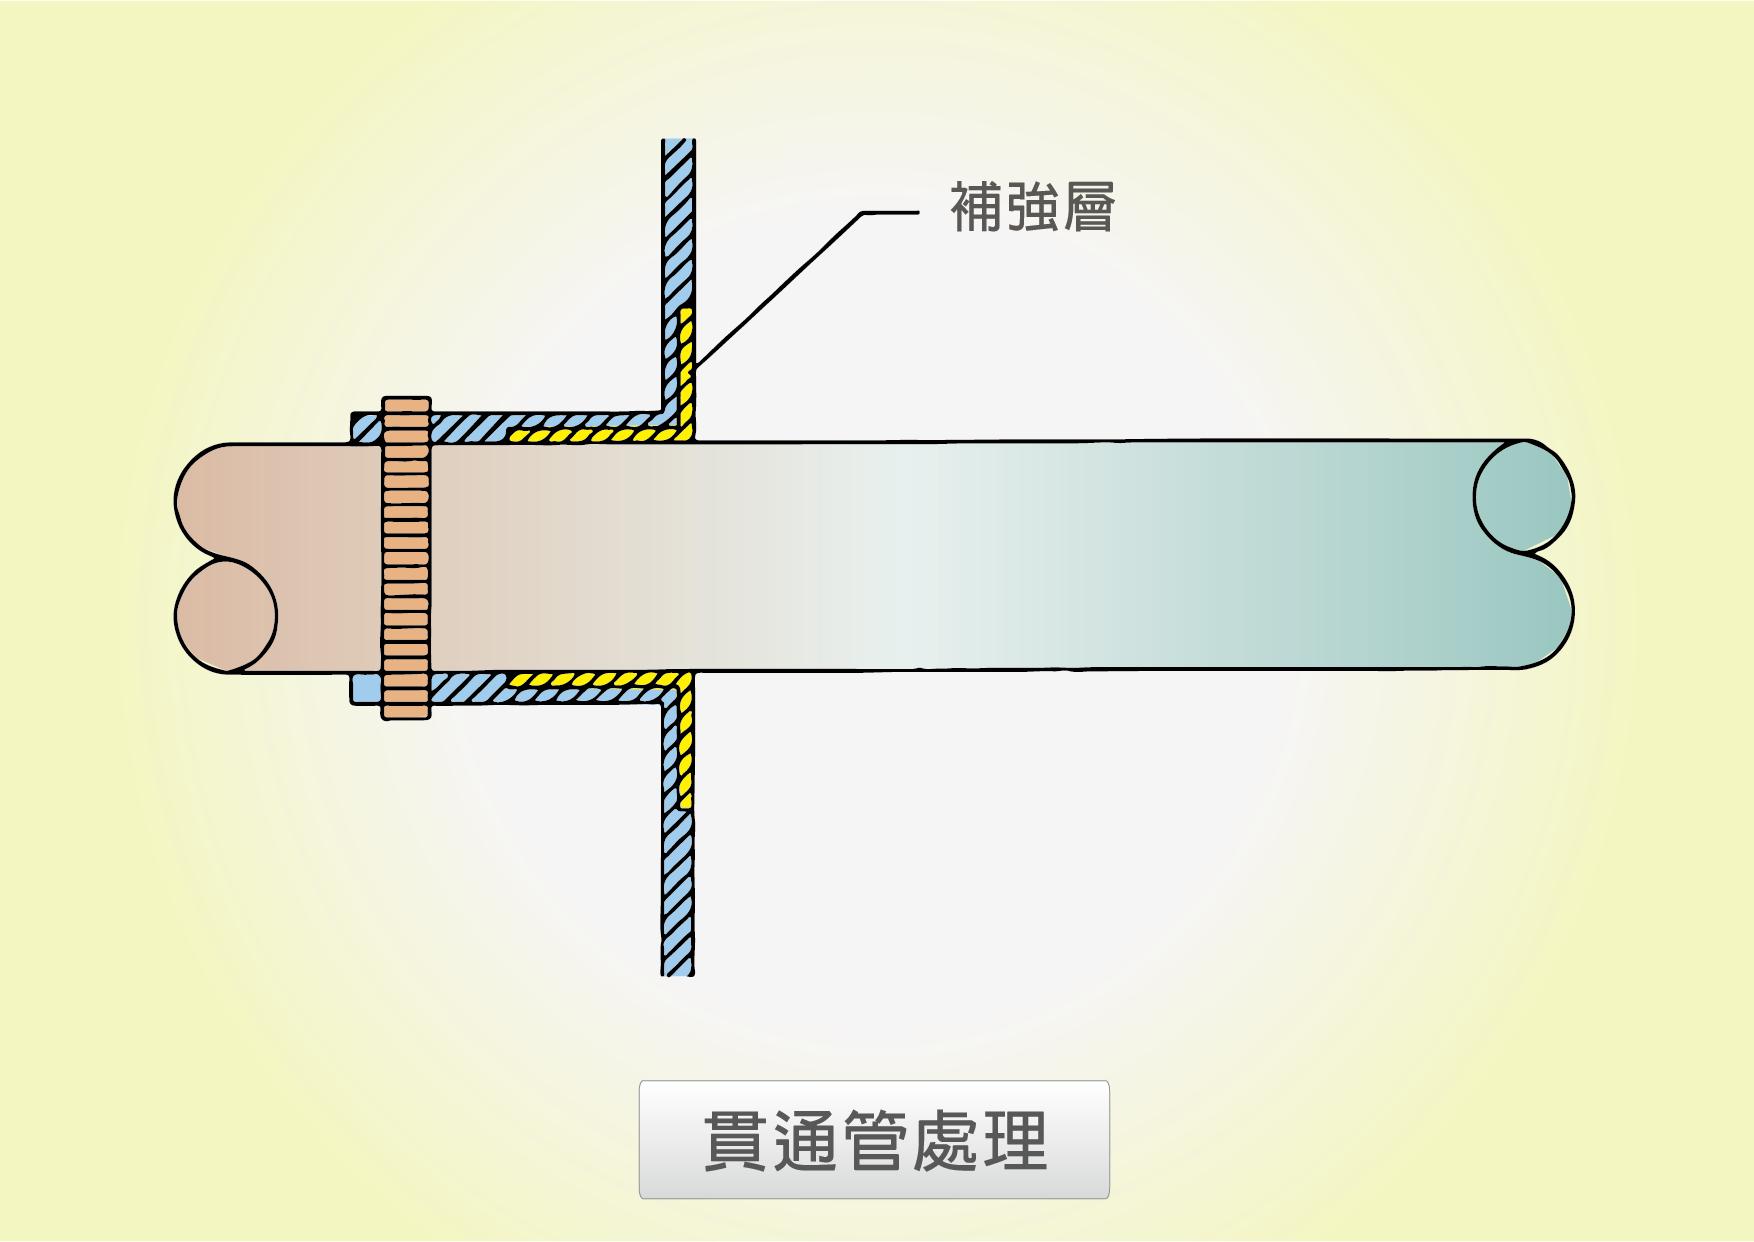 圖2-4-76(圖例二).png